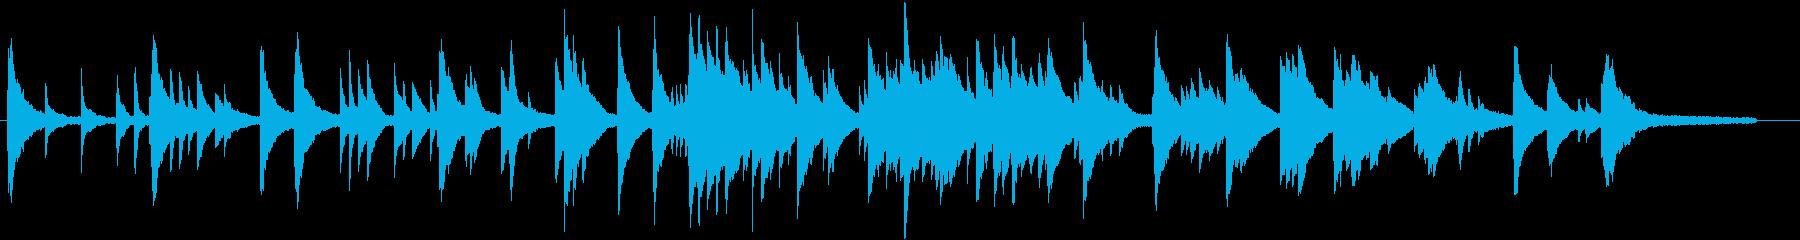 音の粒がしっかりしているピアノソロ曲の再生済みの波形